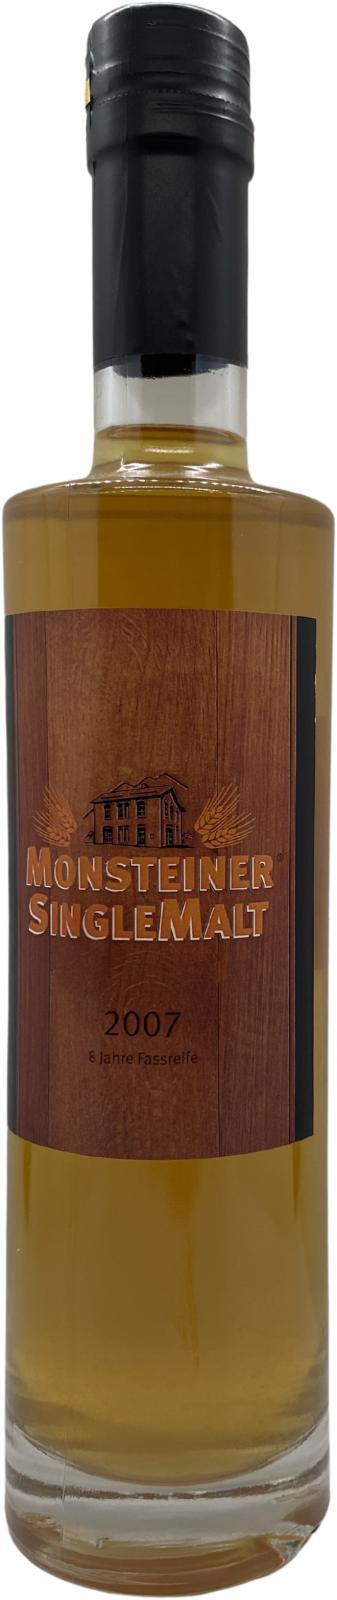 Brauerei Monstein 2007